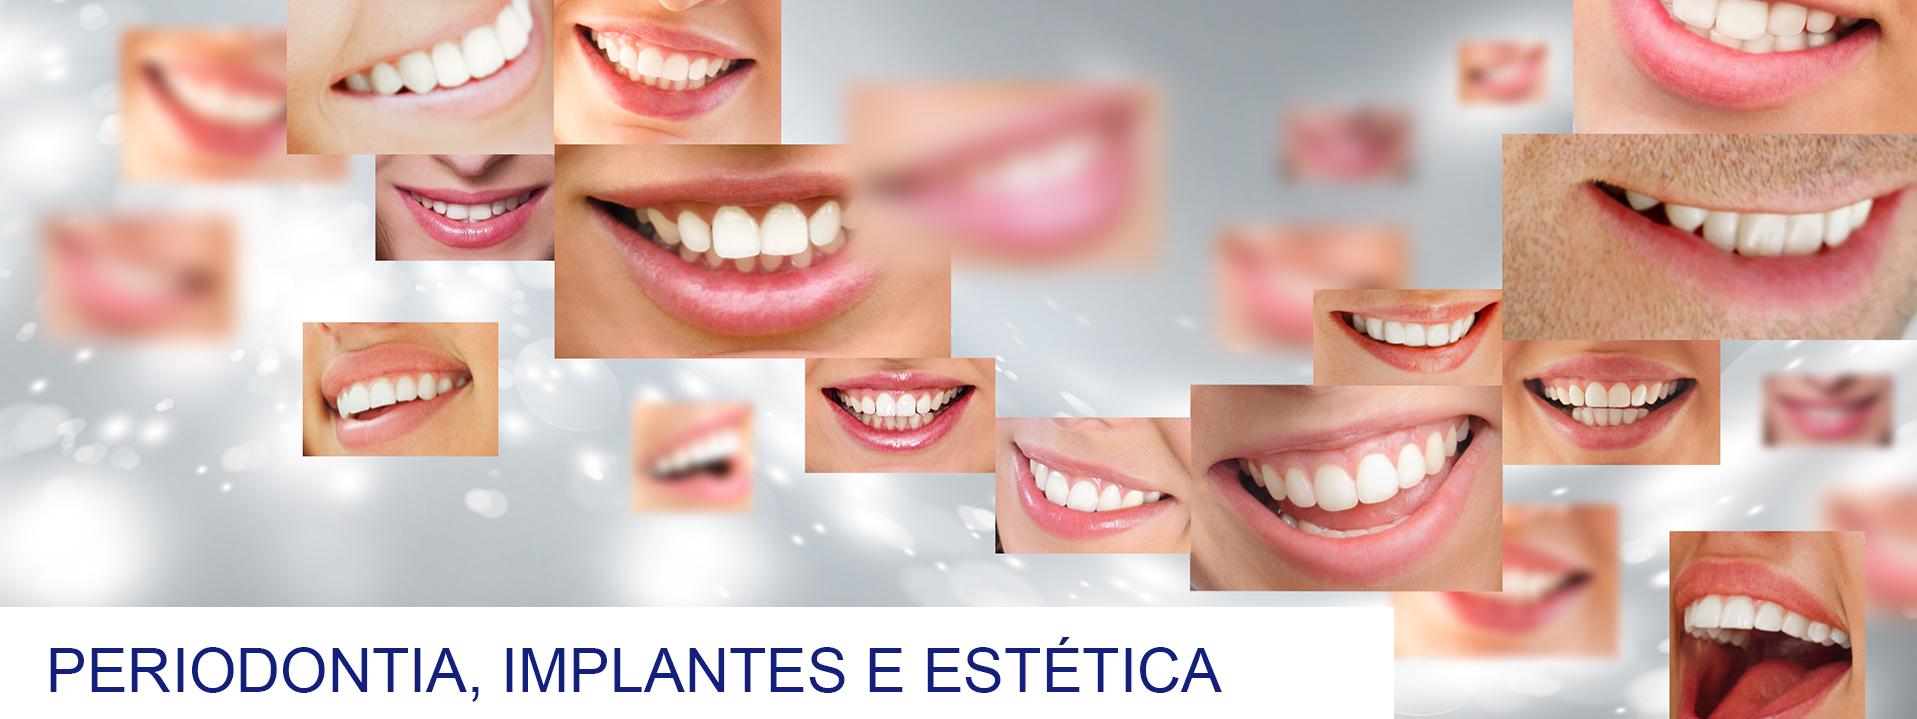 Curso de Periodontia, implantodontia e estética